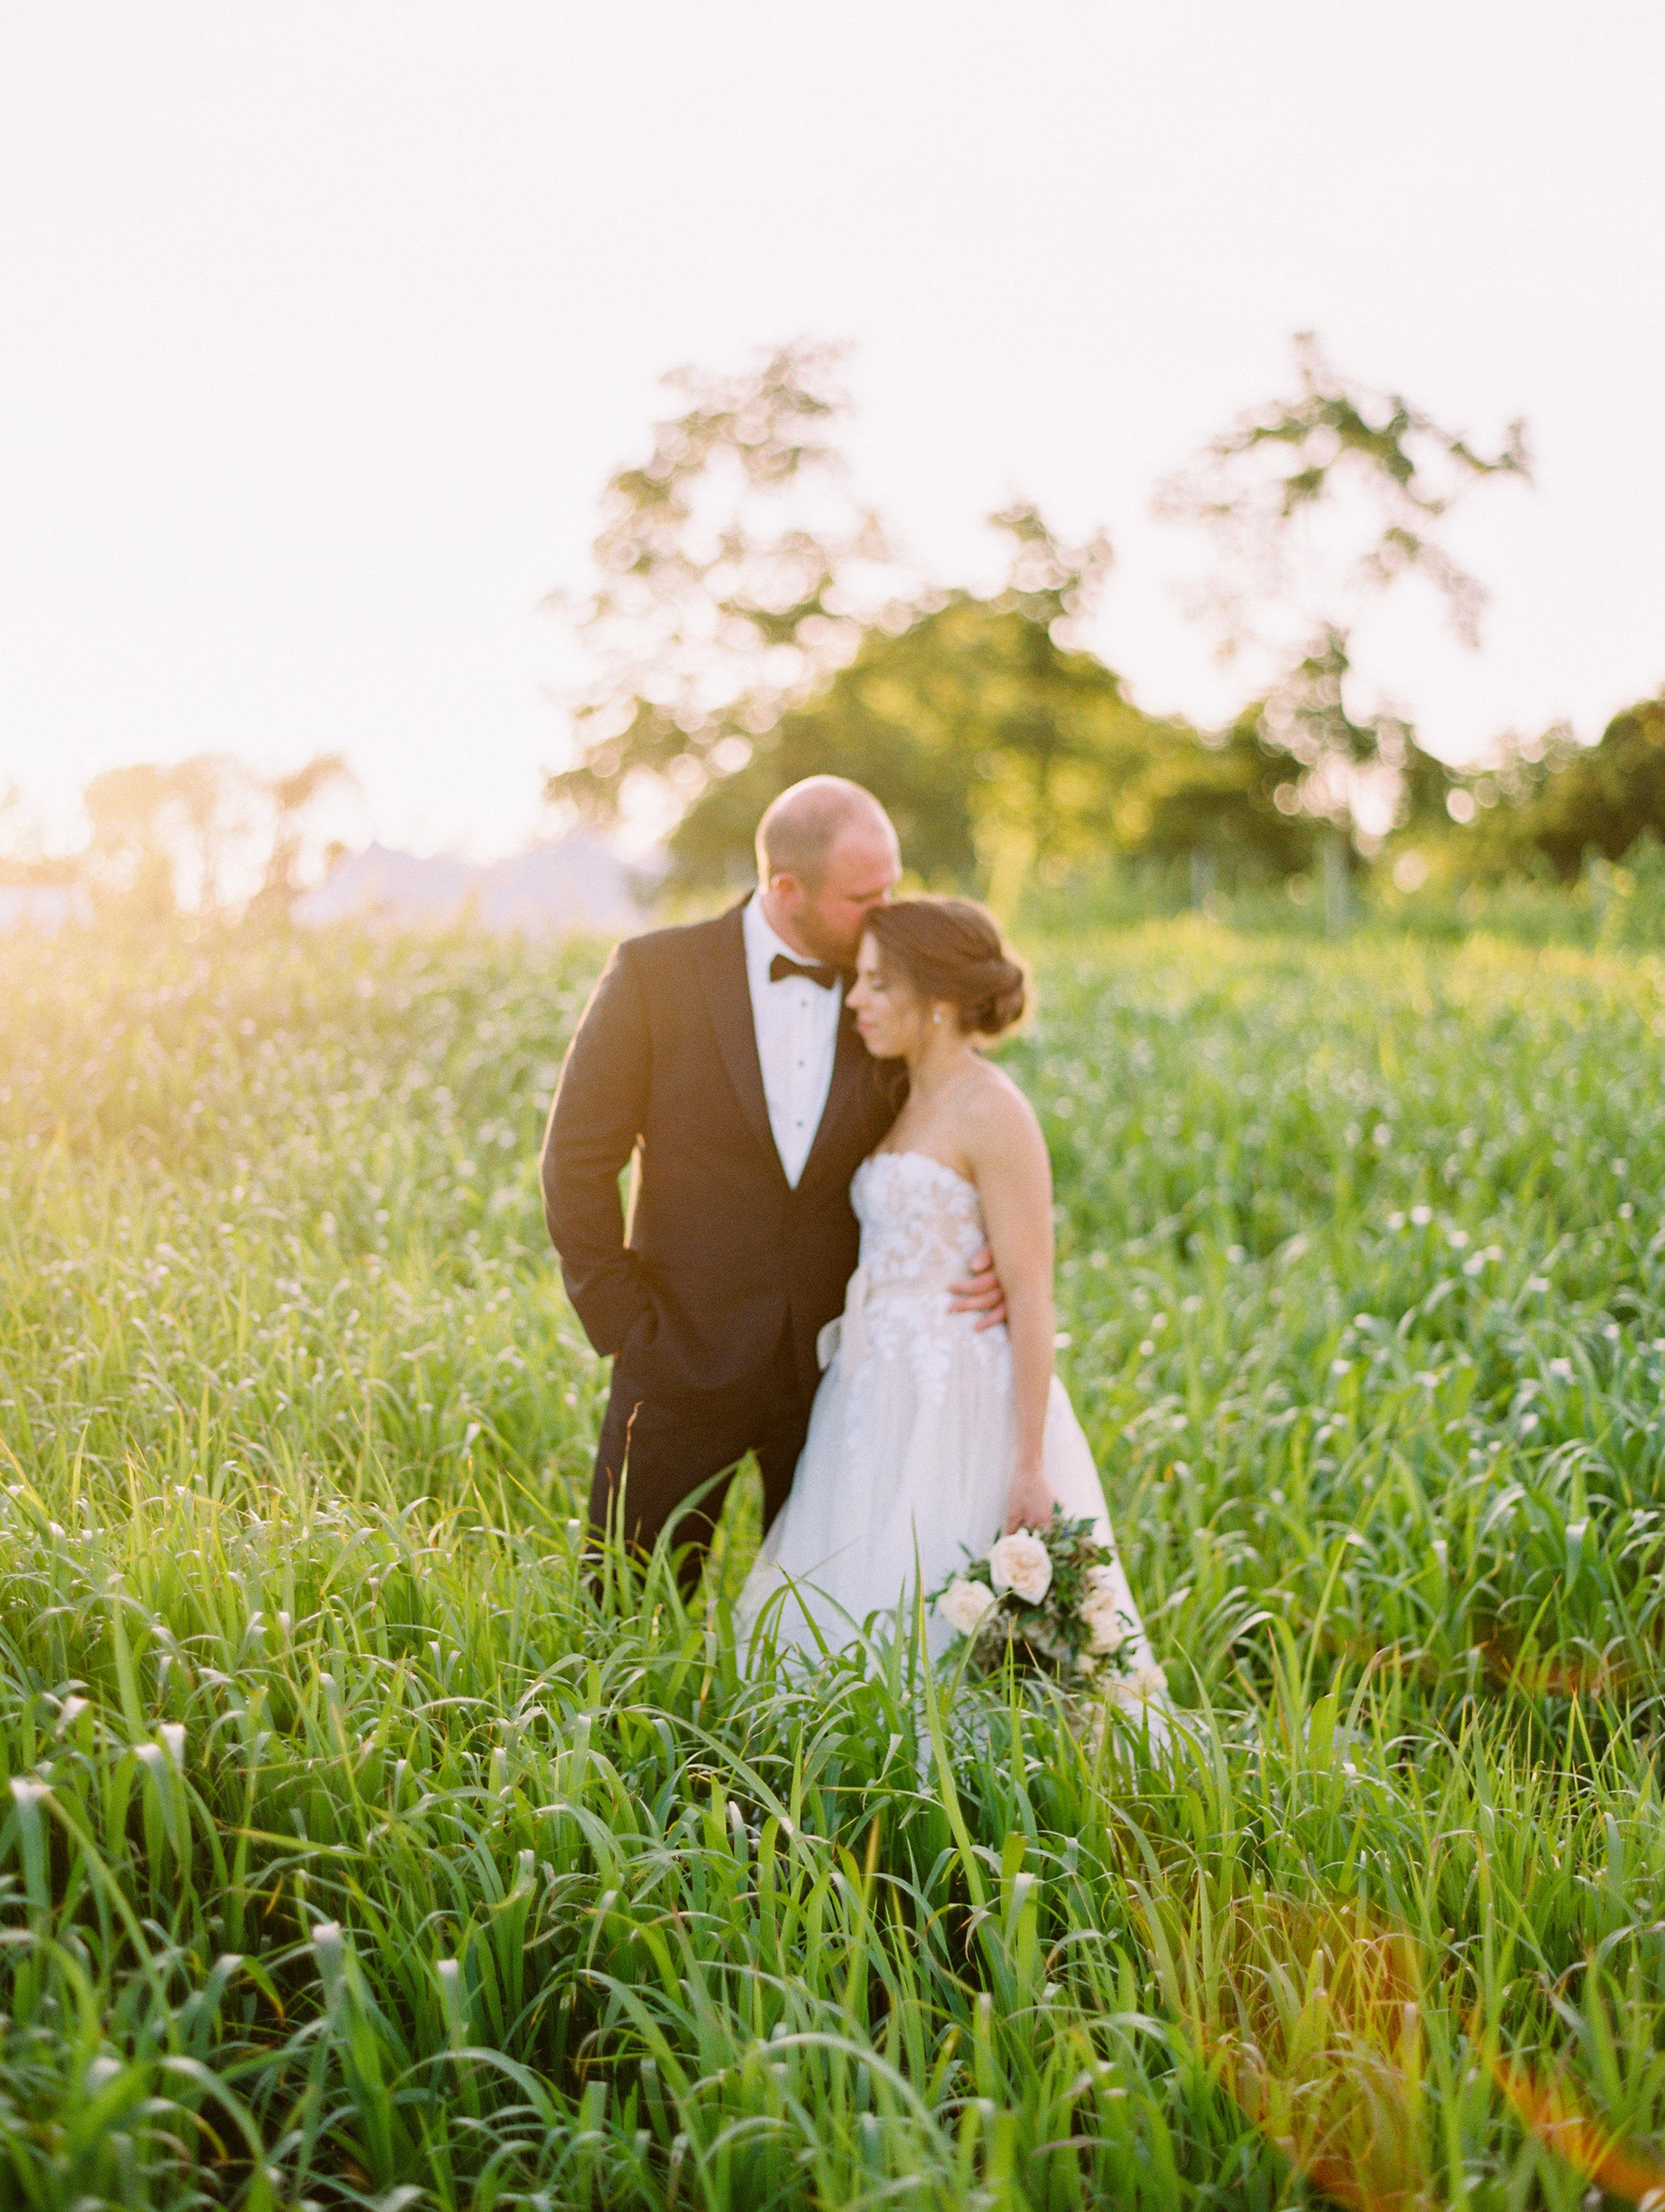 Steinlage+Wedding+Reception+Bride+Groom-45.jpg